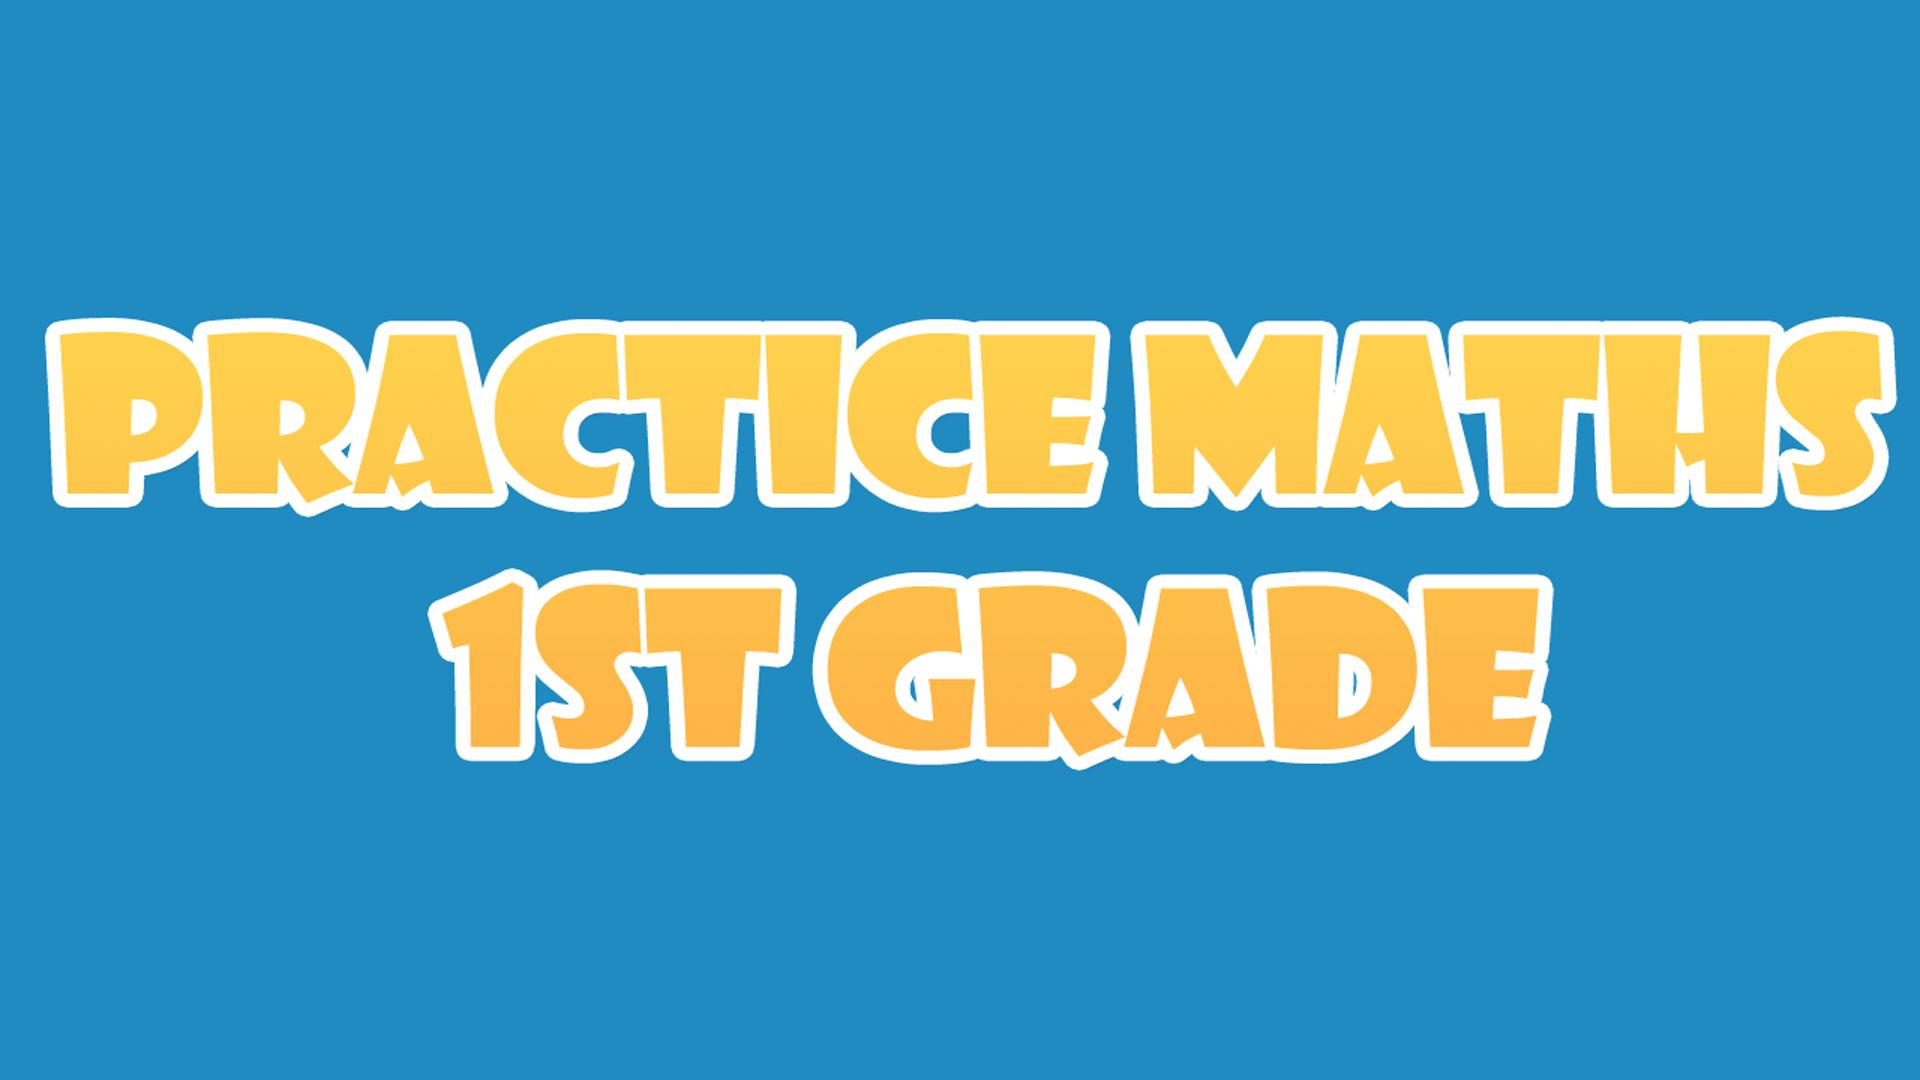 Practice Maths 1st Grade screenshot 1